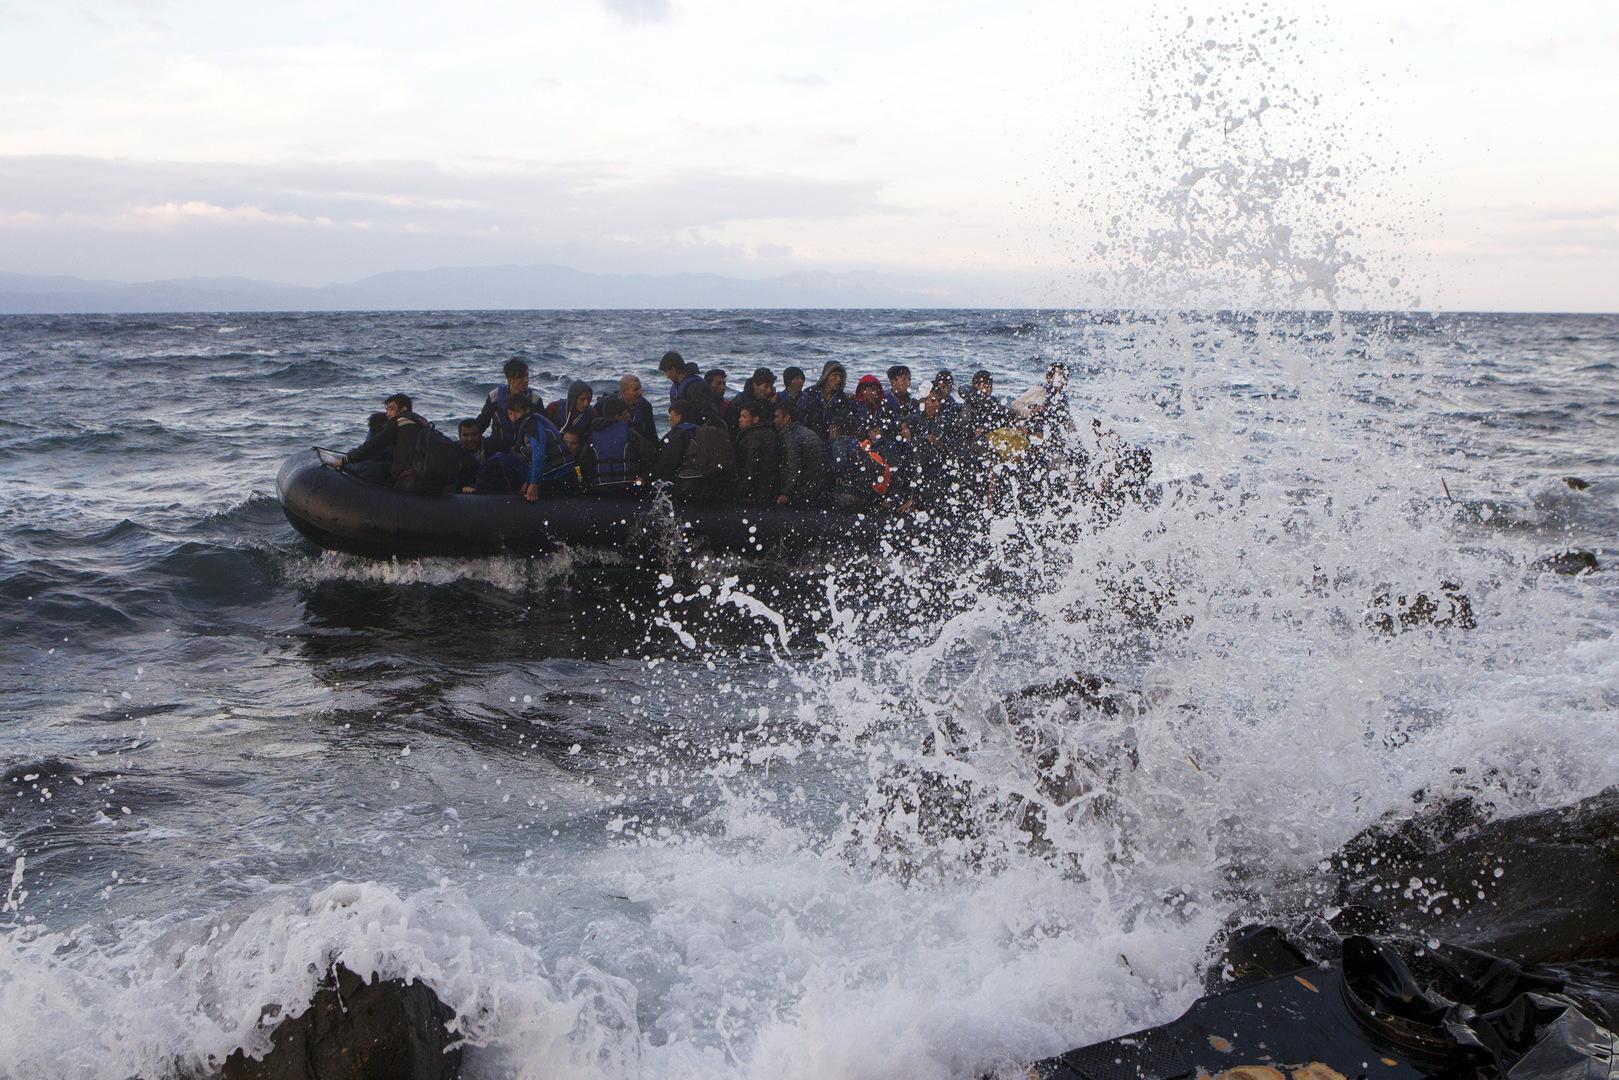 إيطاليا: زيادة تدفقات الهجرة من تونس بنسبة 174% خلال العام الماضي